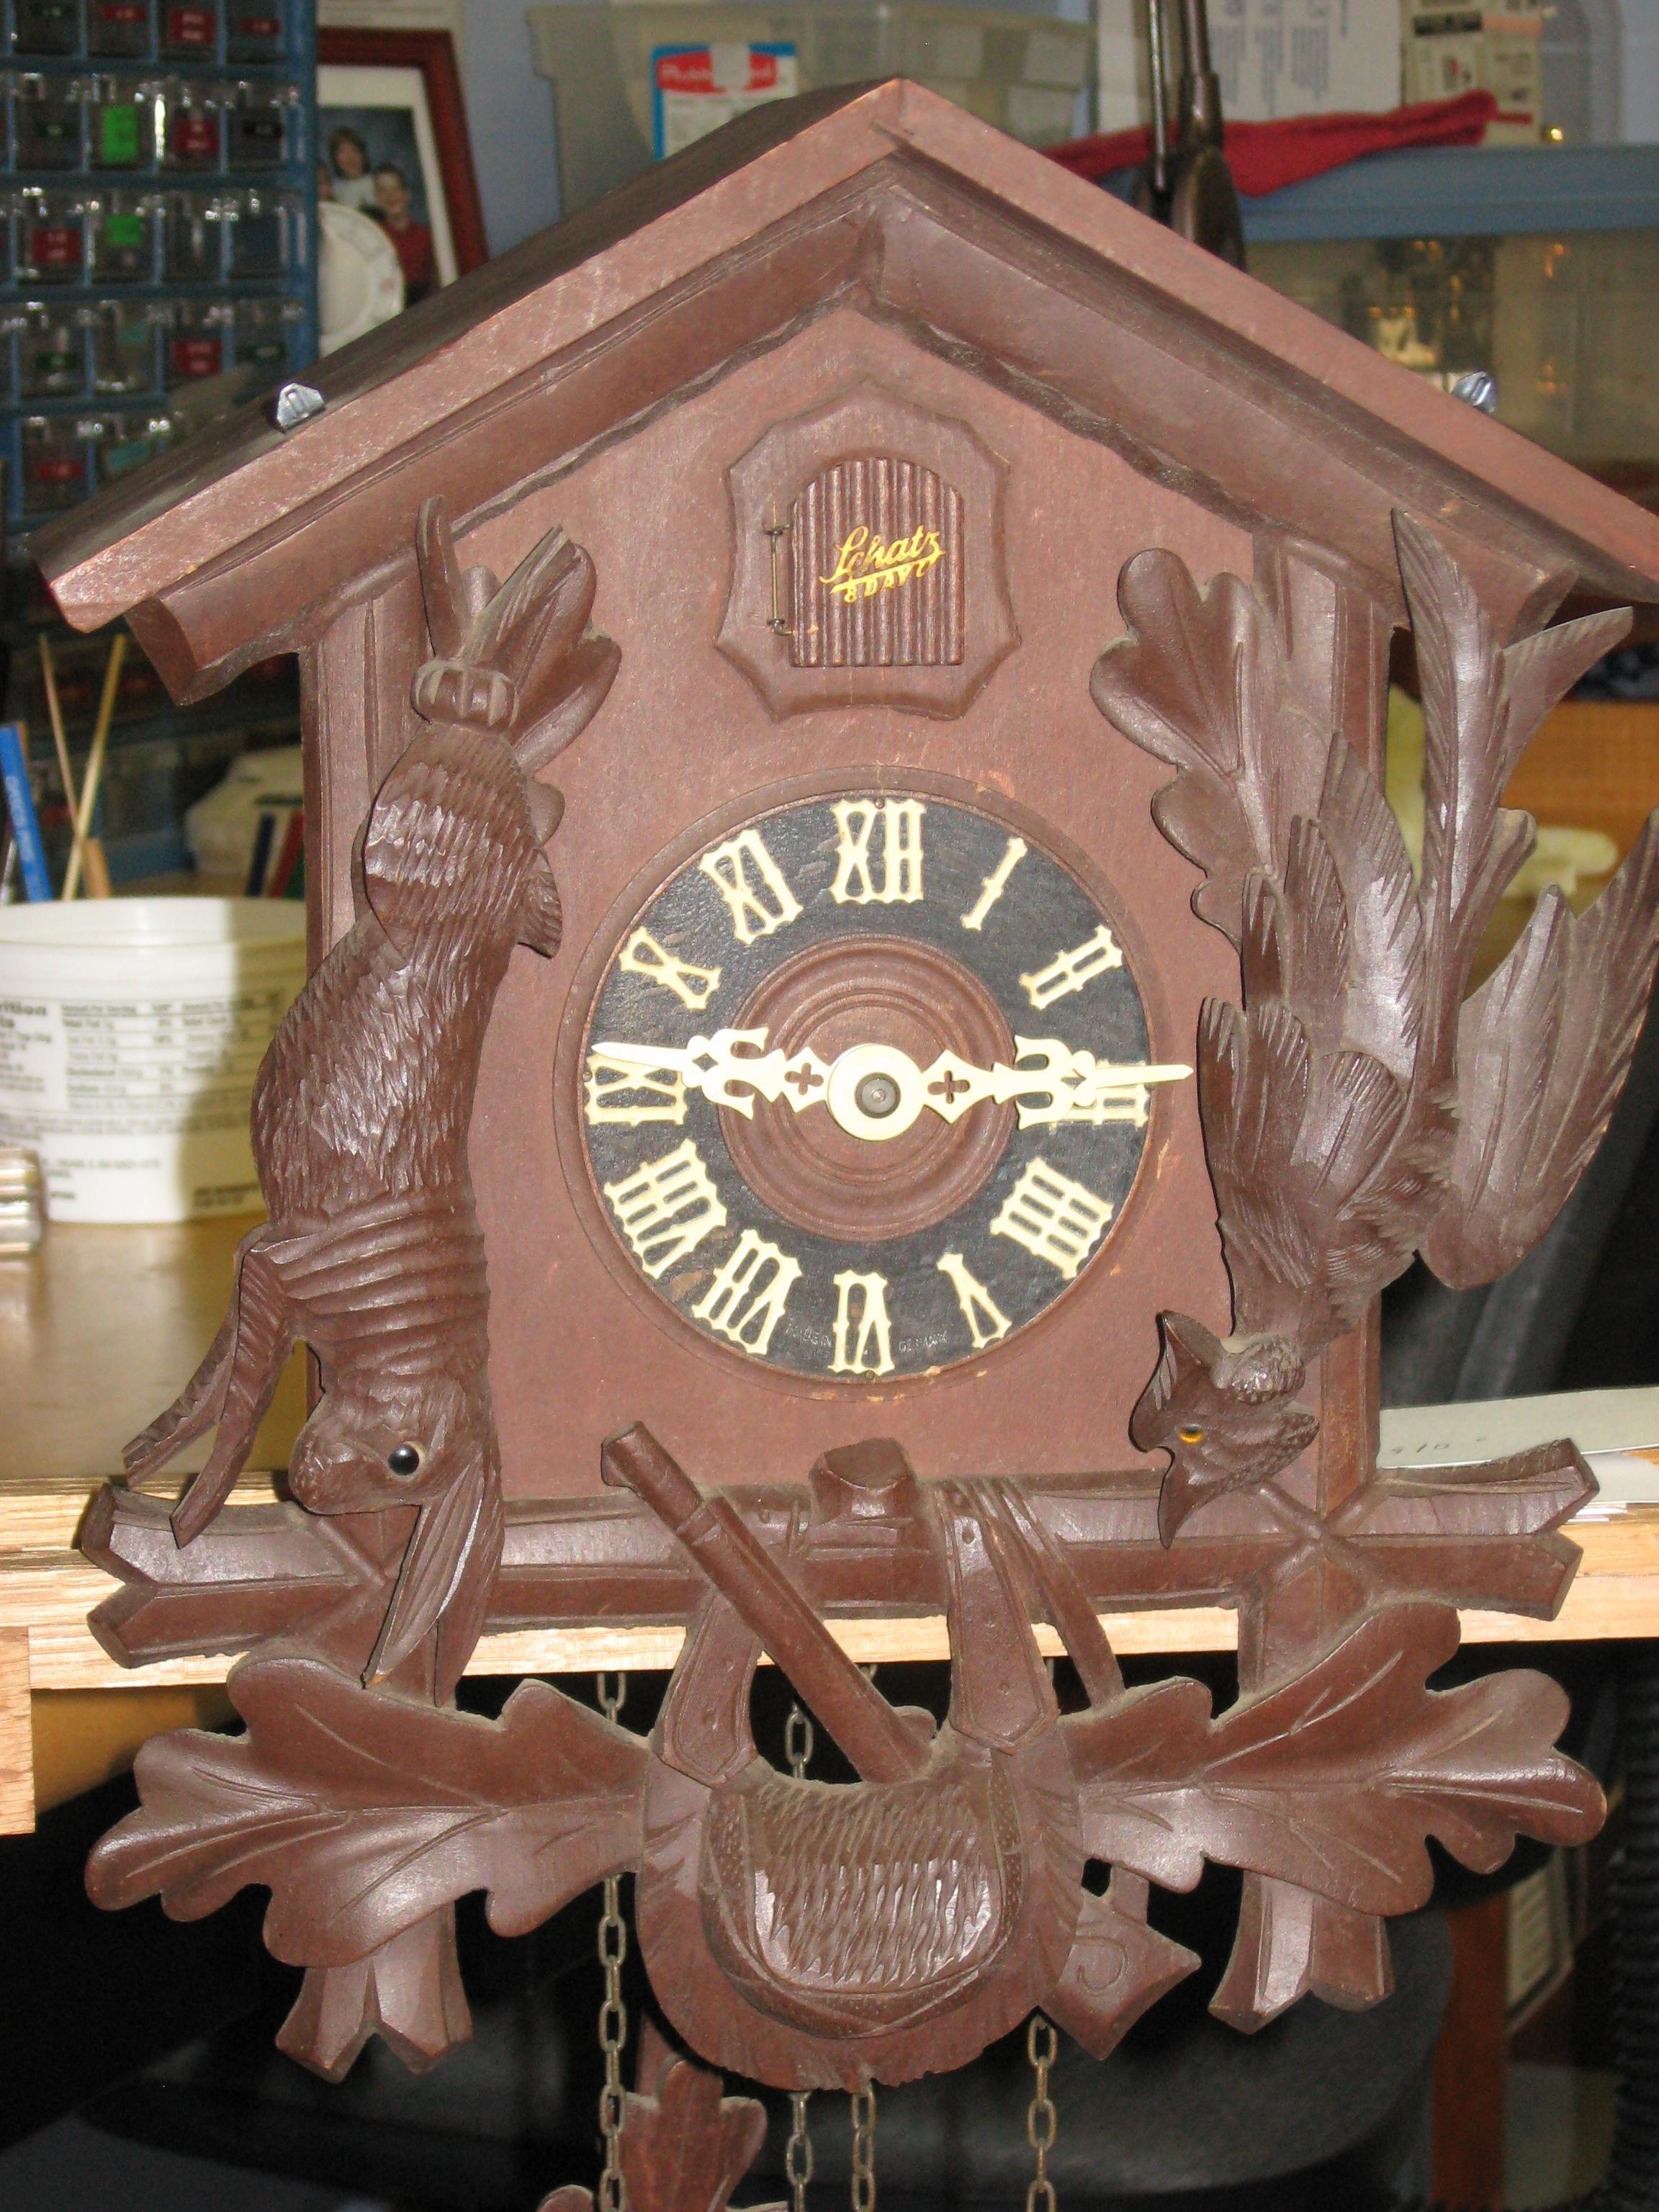 Dating cuckoo clocks